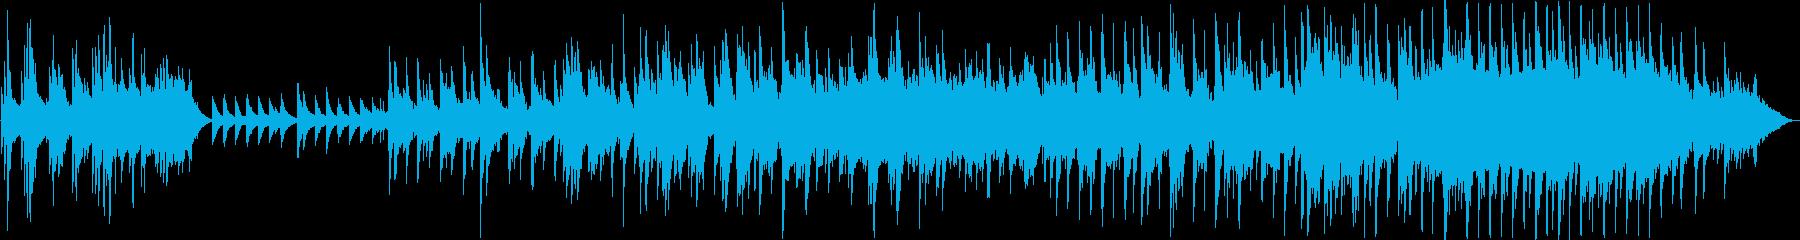 ピアノメインのゆったりとしたバラードの再生済みの波形